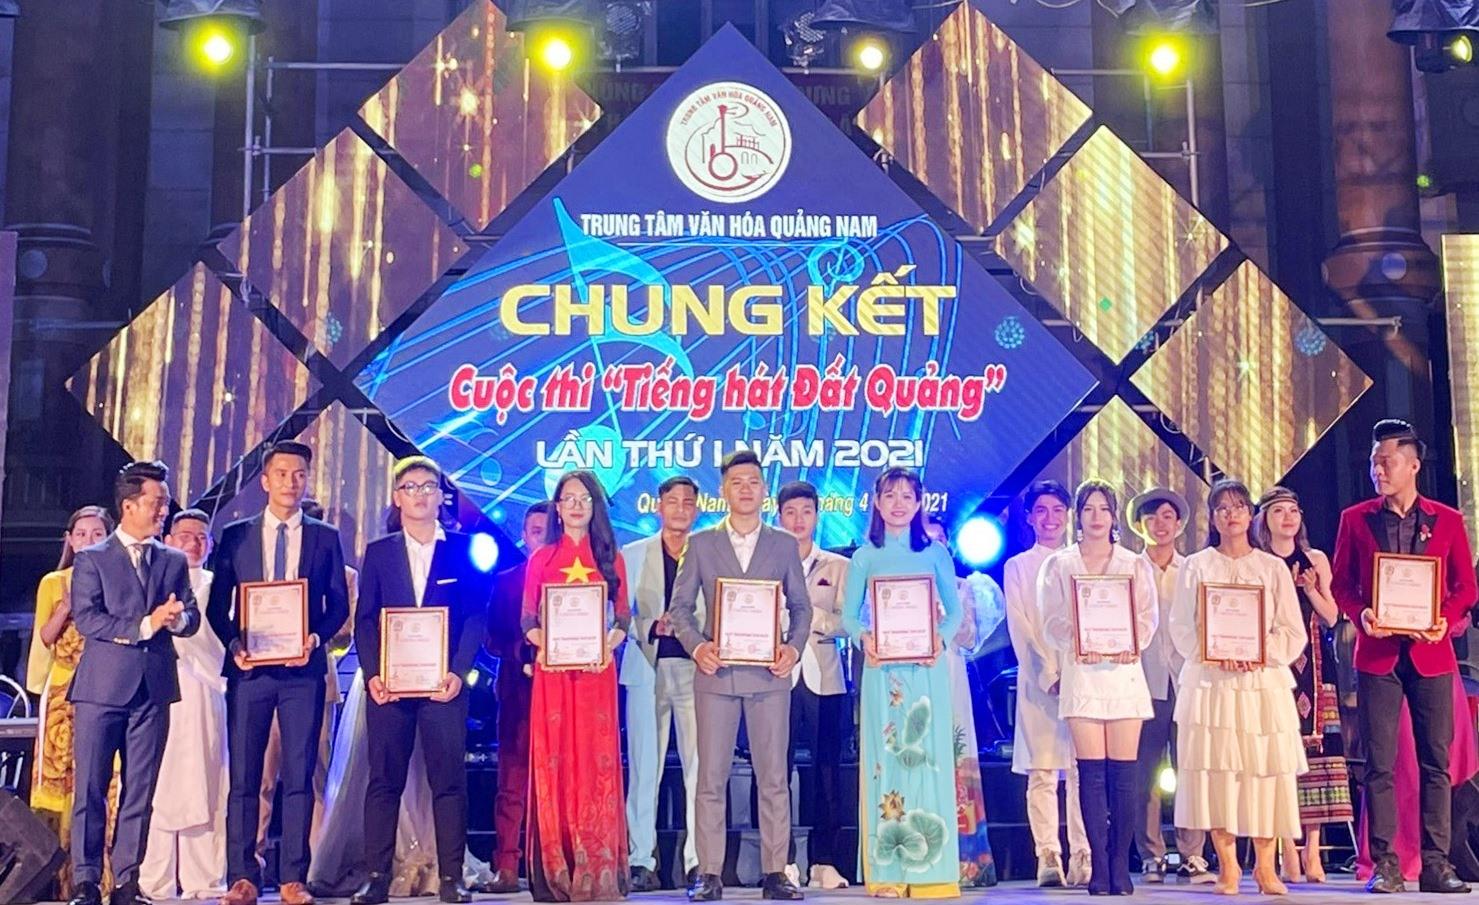 Đêm chung kết và trao giải cuộc thi.